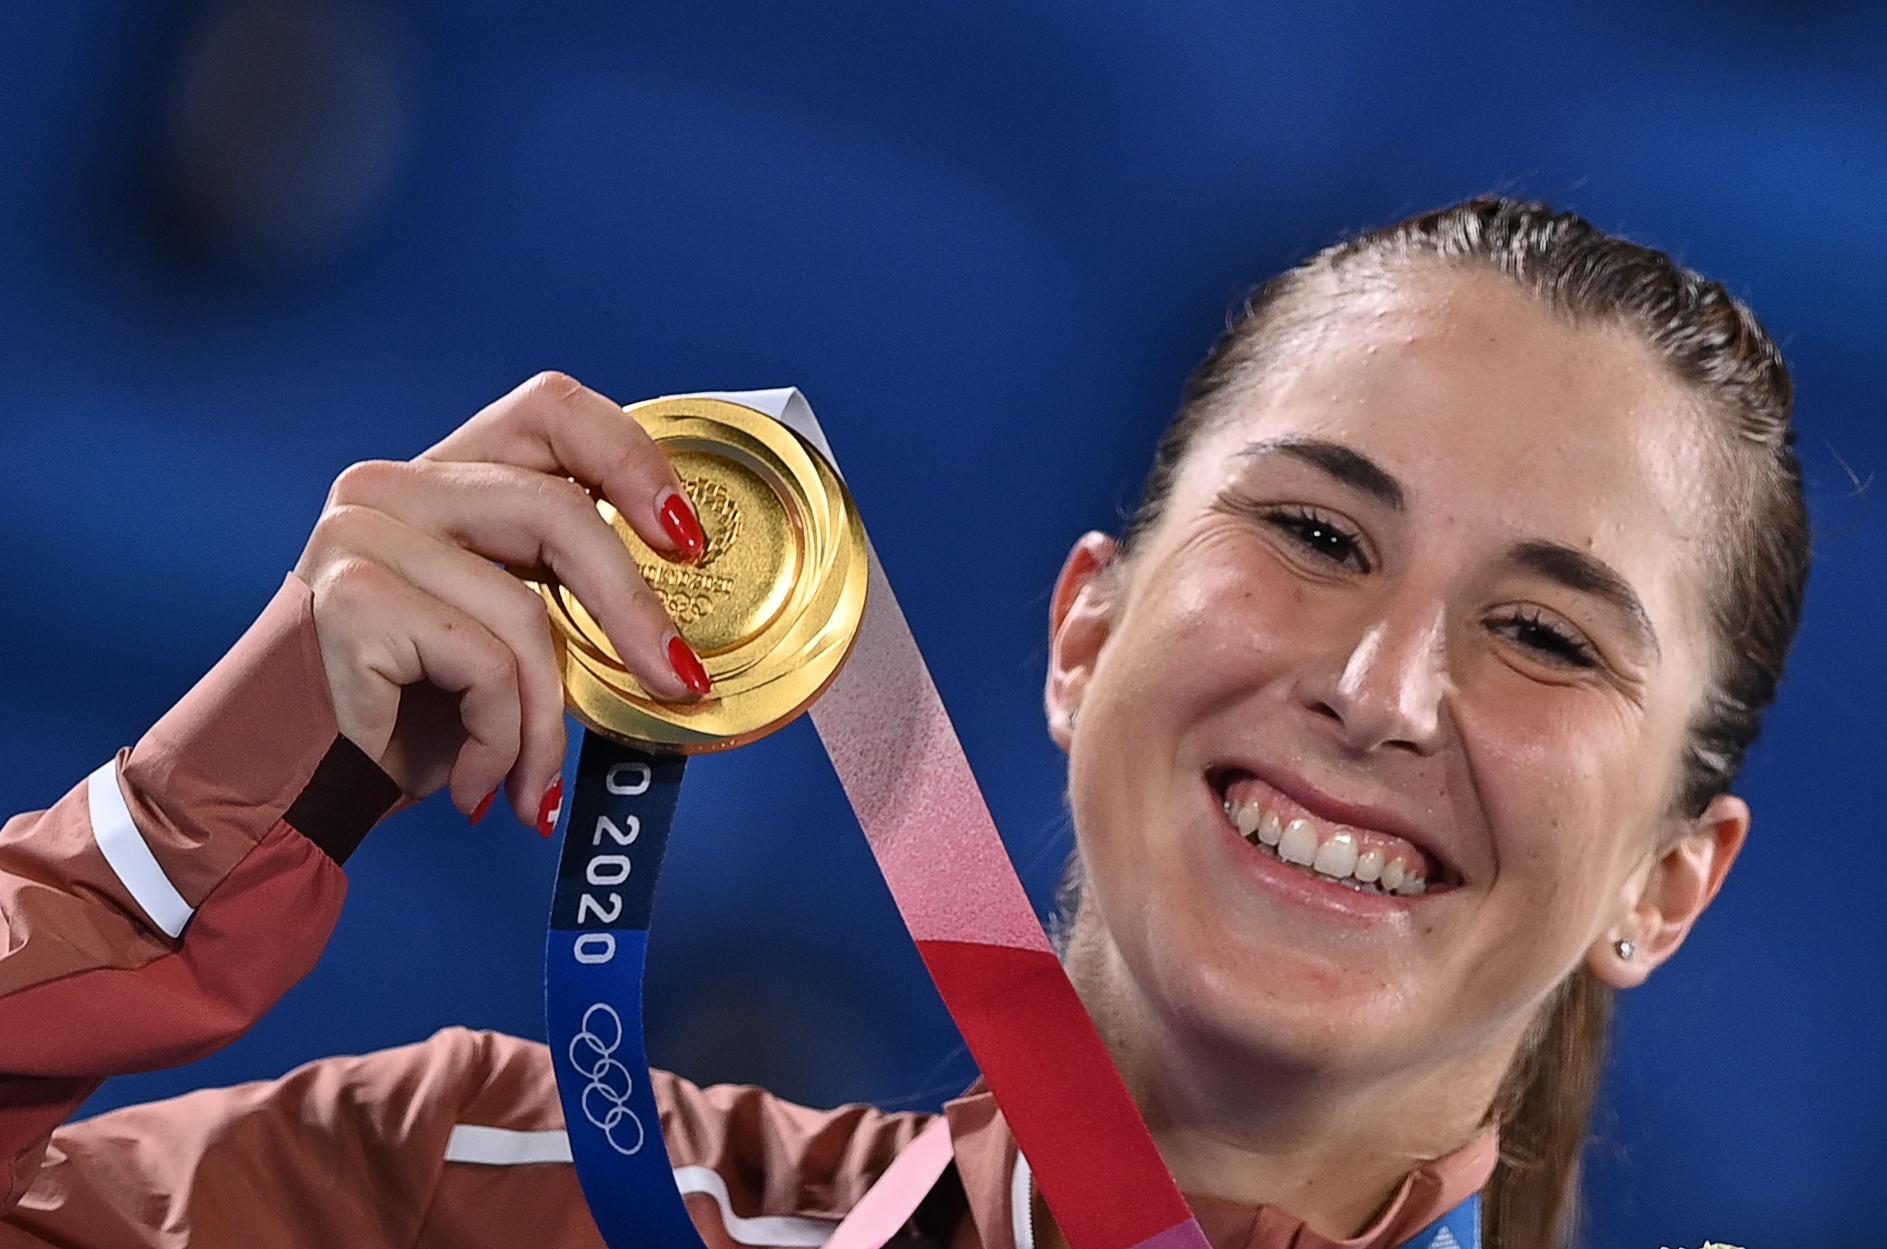 拿下奥运冠军后 她把这枚金牌献给费德勒和辛吉斯